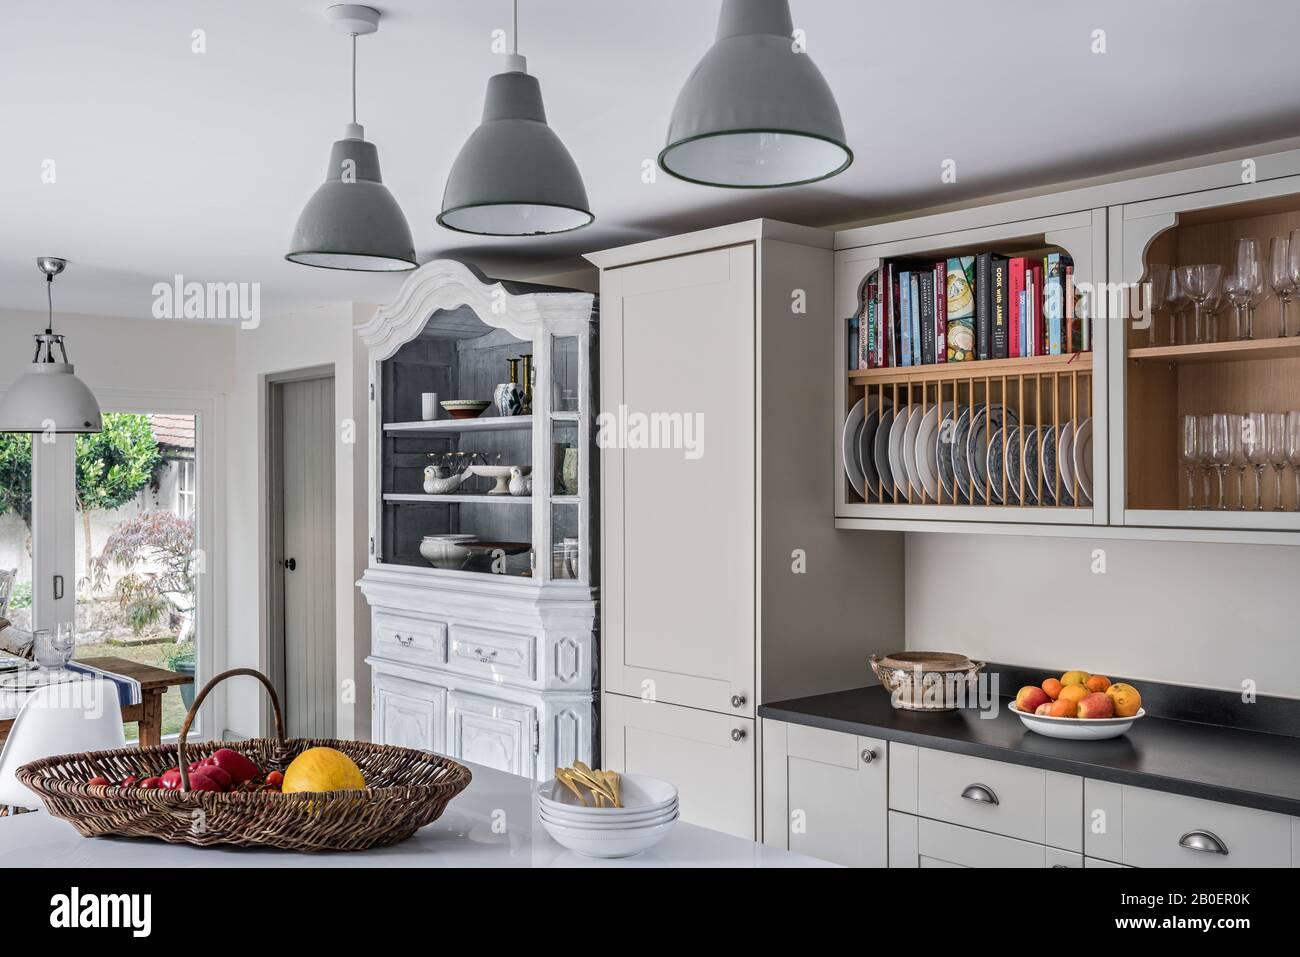 Armoire de roble belga, que data de la década de 1940 con lámparas pintadas de fábrica de Amiens en la cocina de estilo cuáquero con estante de placas encima de la encimera de granito. Foto de stock